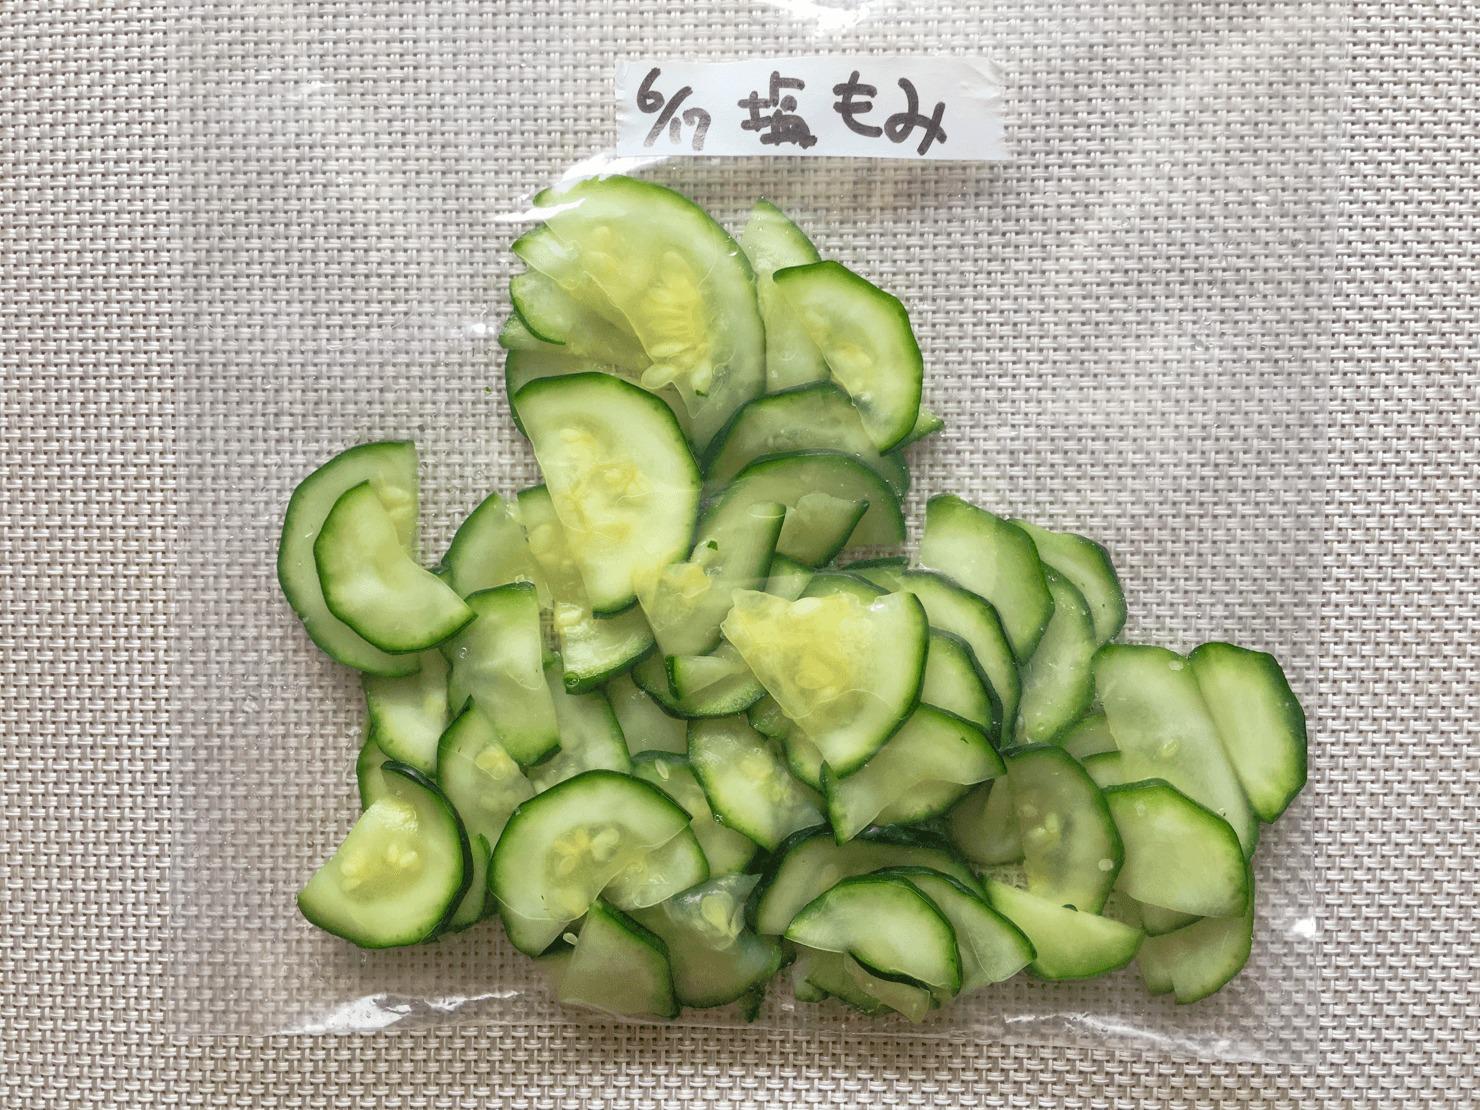 ズッキーニの塩もみを冷凍保存袋に入れた写真